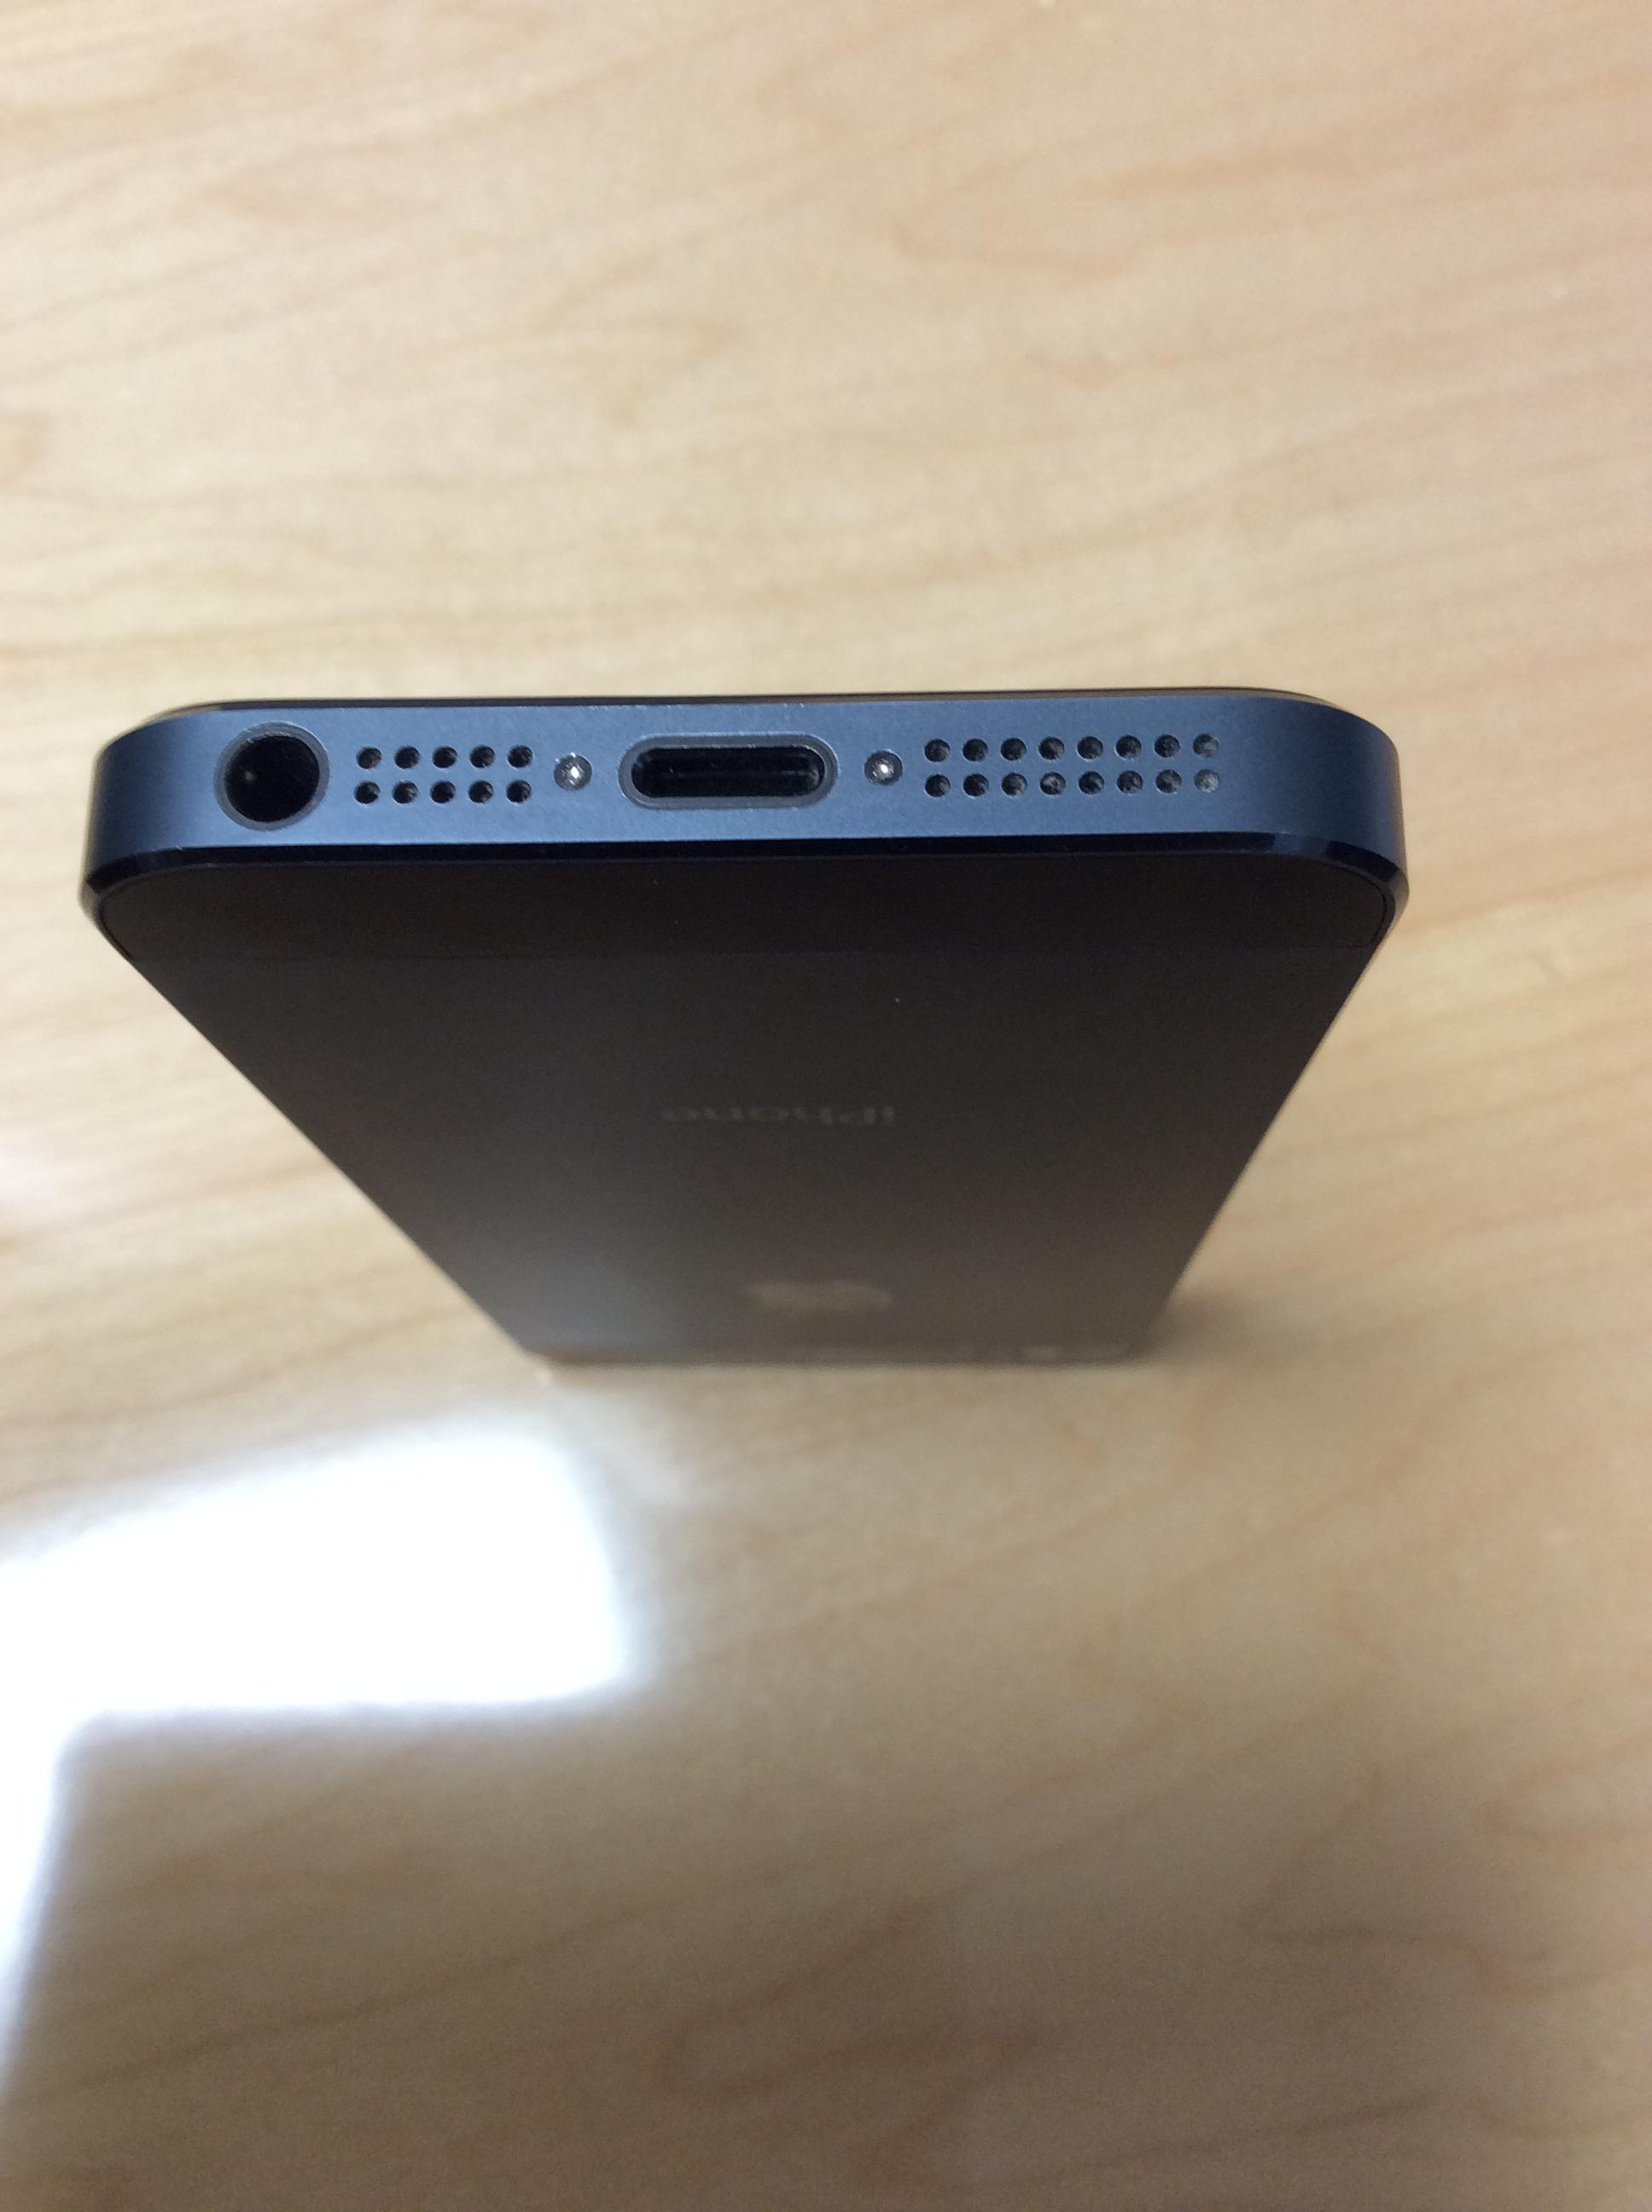 iPhoneでLightningコネクタの接触が悪くなった時にまずやること